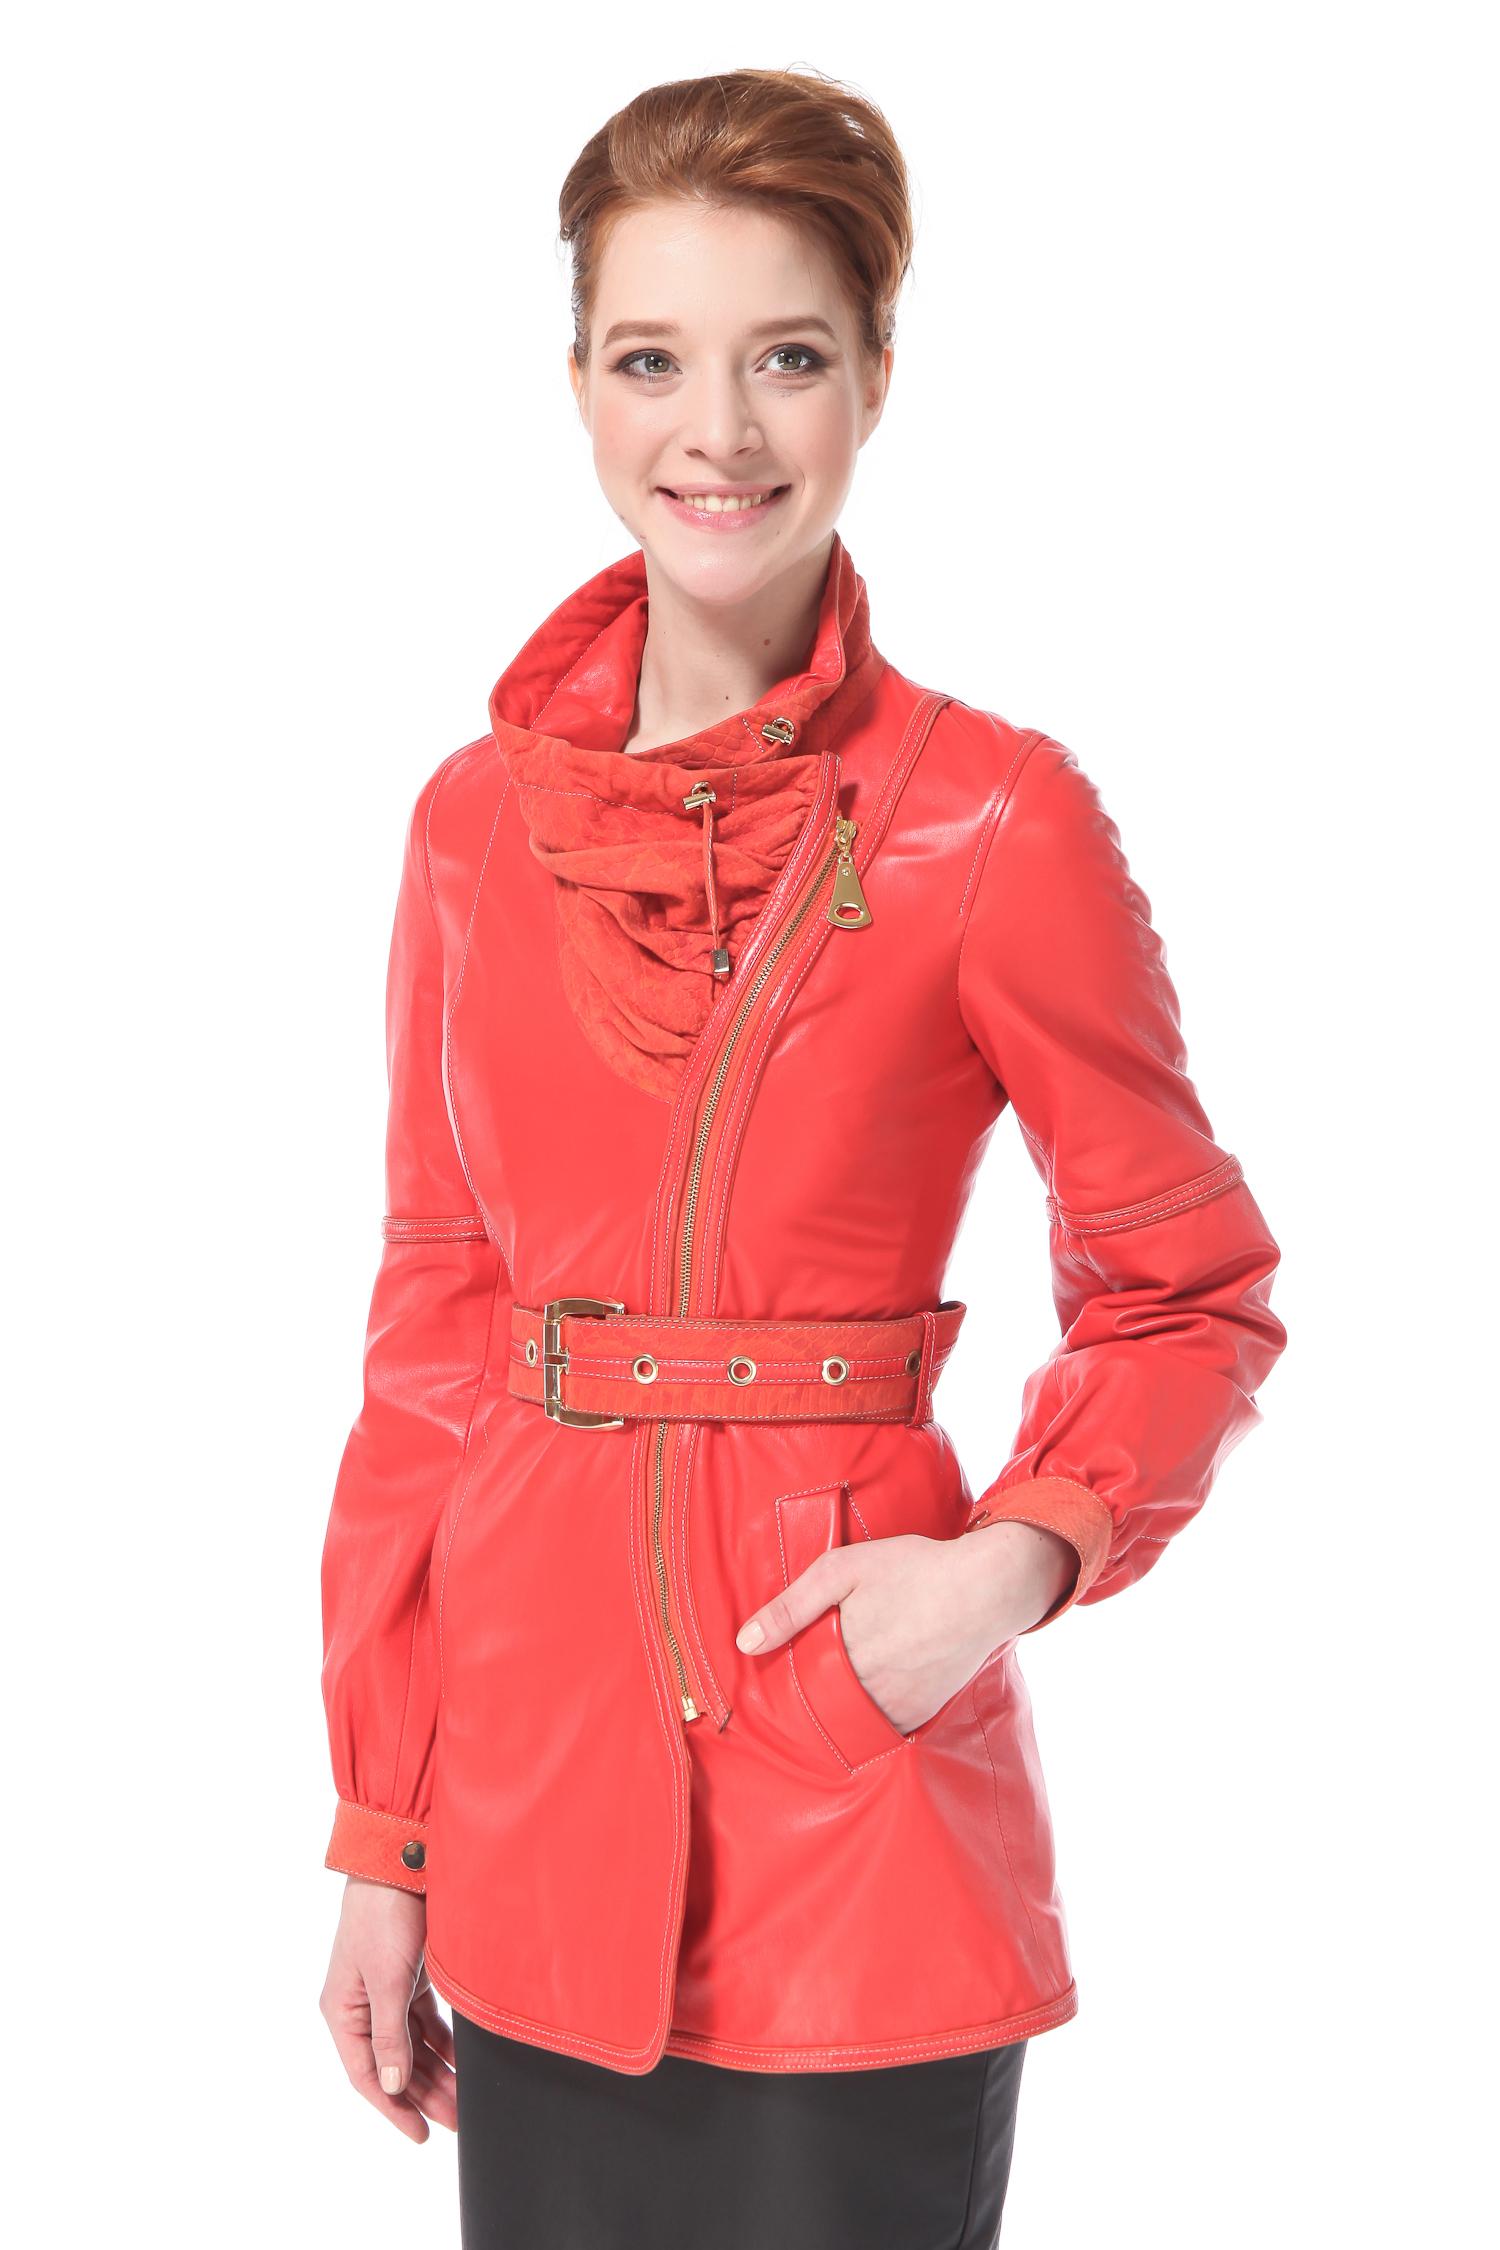 Женская кожаная куртка из натуральной кожи с воротником, без отделки<br><br>Длина см: 75<br>Материал: Натуральная кожа<br>Цвет: Коралл<br>Пол: Женский